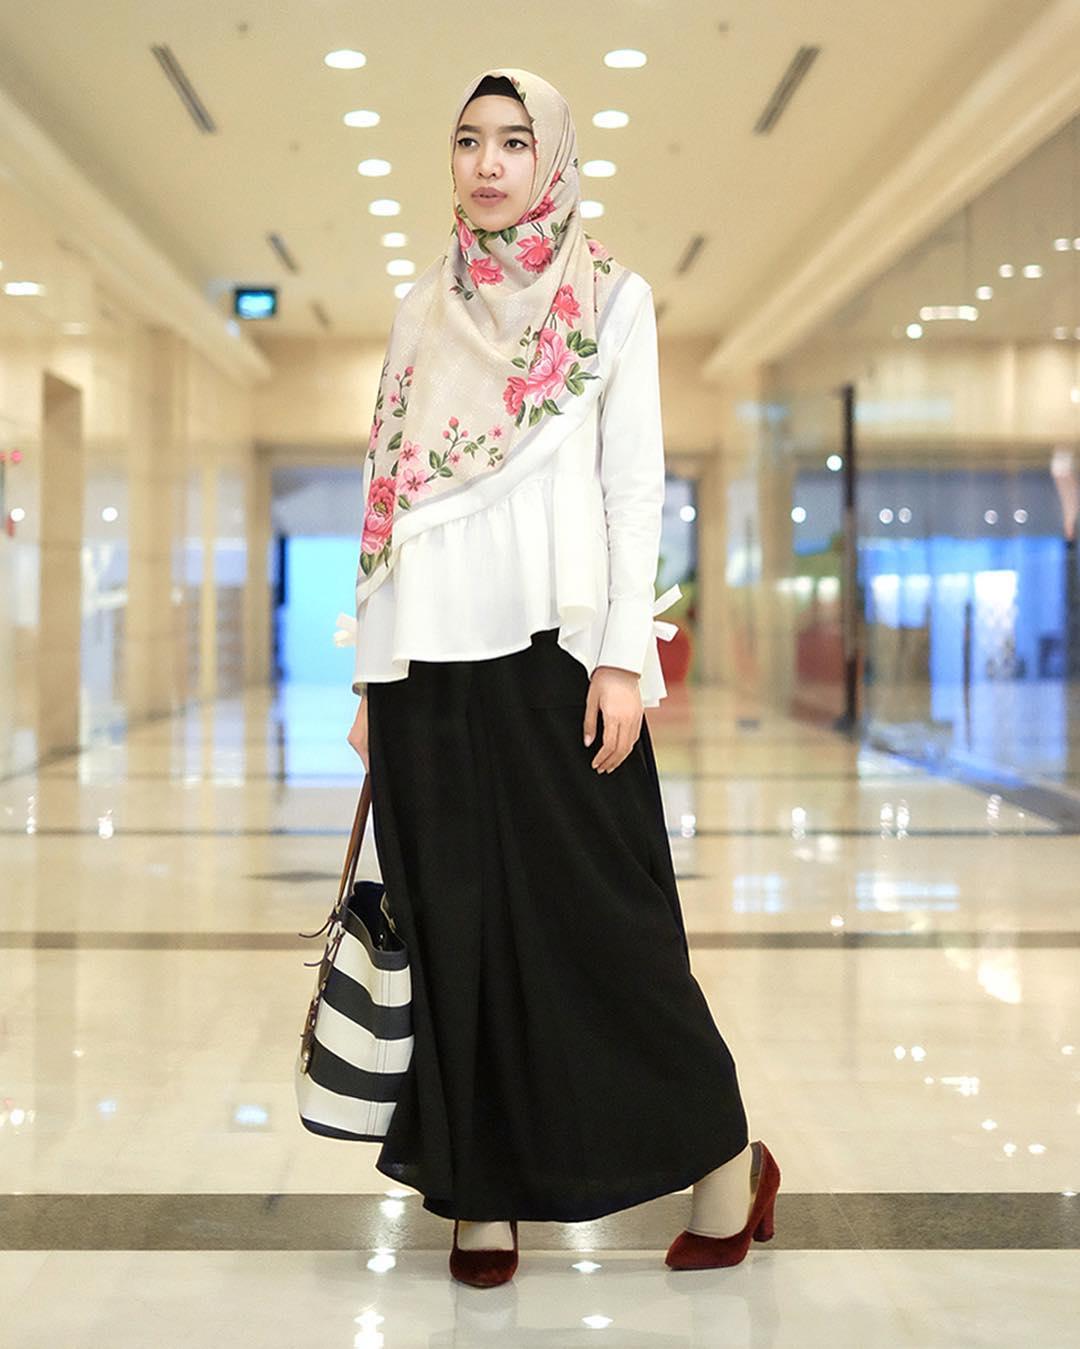 nama artis selebritis fashion designer indonesia berhijab hijabers muslimah pakaian busana syari fashion show event model koleksi rancangan terbaru terkini merk branded terkenal populer internasional lokal berkualitas bagus keren butik outlet